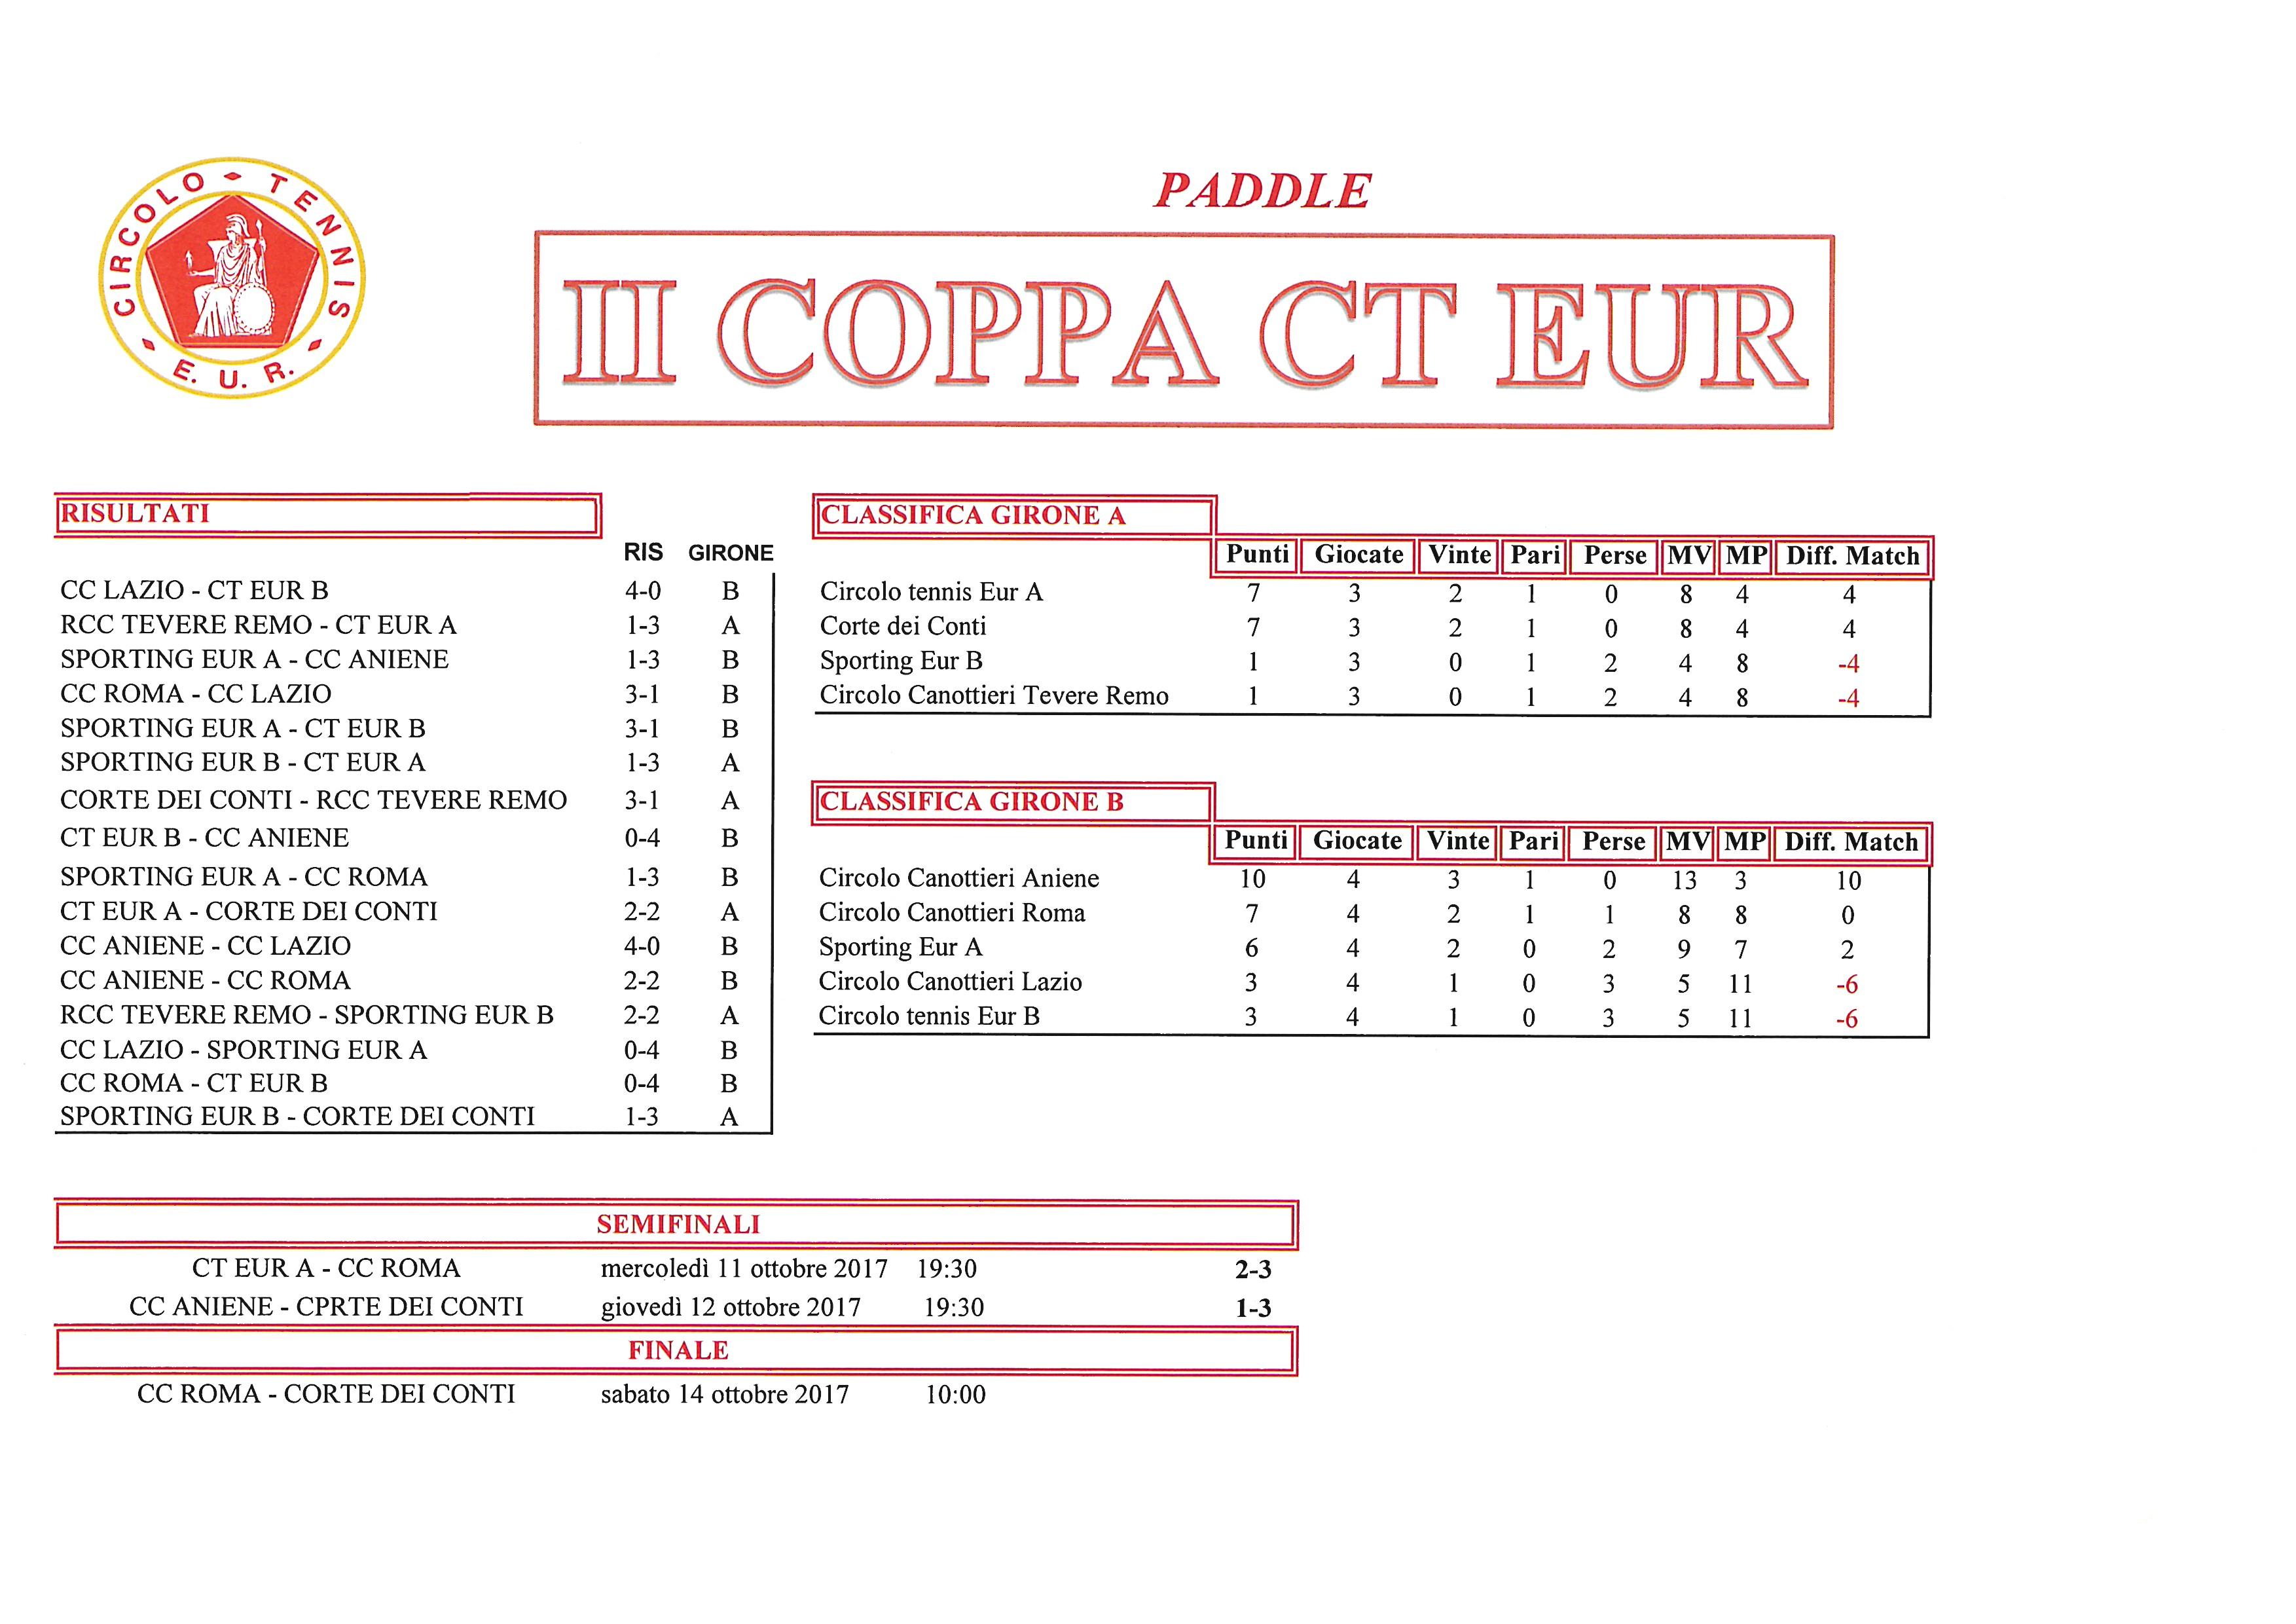 Coppa CT Eur risultati del 12 ottobre 2017 Paddle